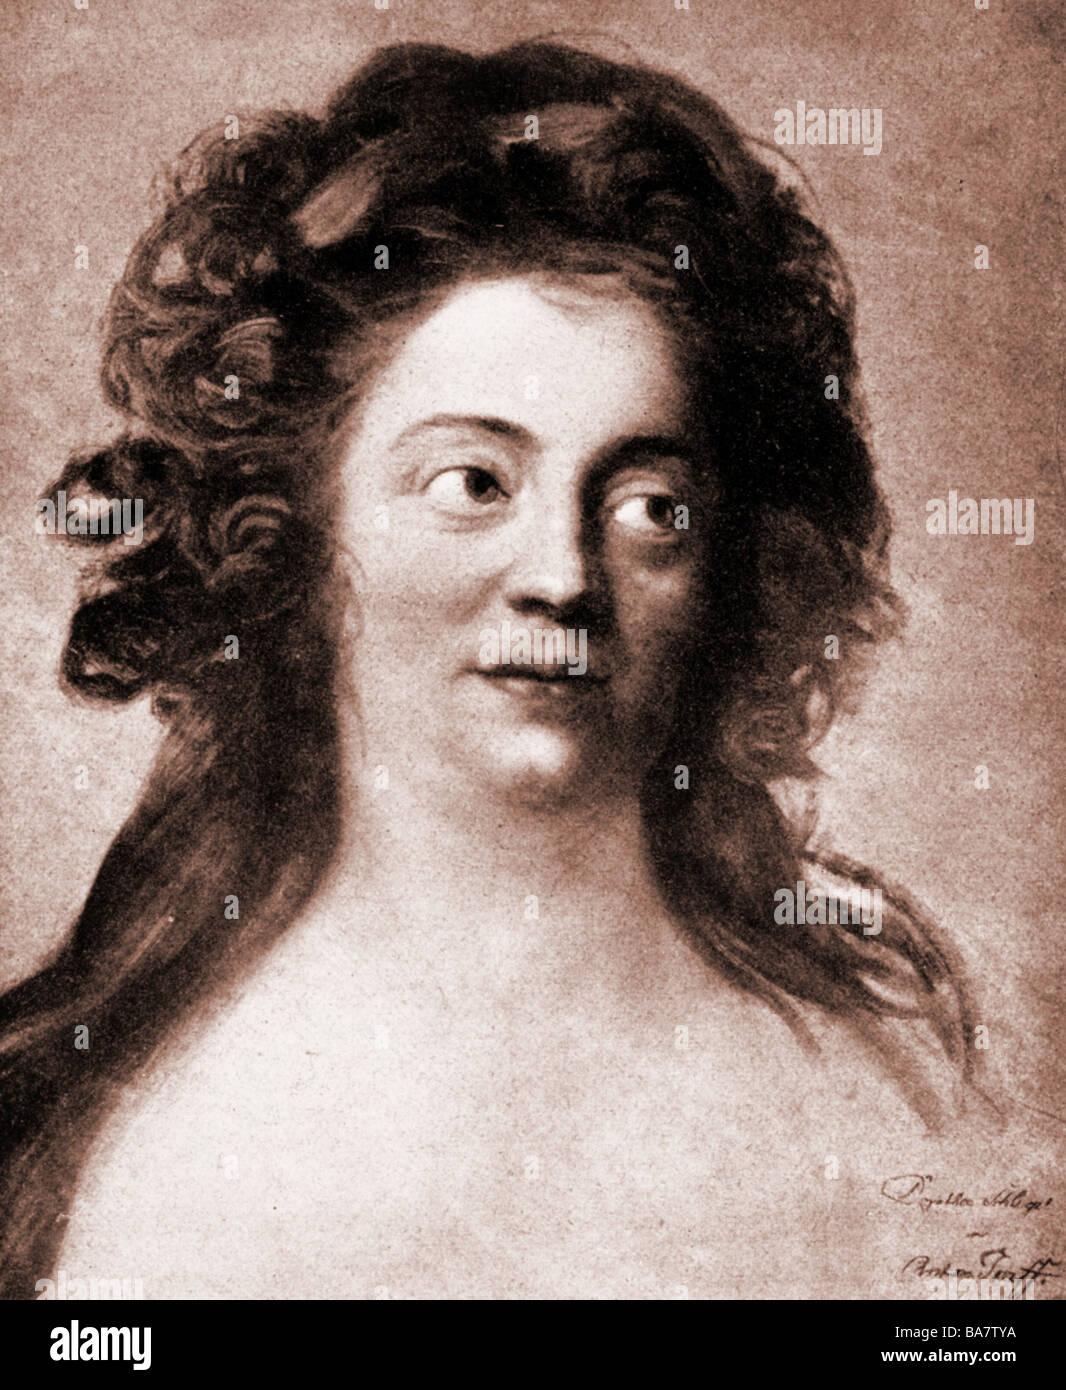 Schlegel, Dorotea Friederike, 24.10.1763 - 3.8.1839, autore tedesco / scrittore, ritratto, dopo la verniciatura Immagini Stock